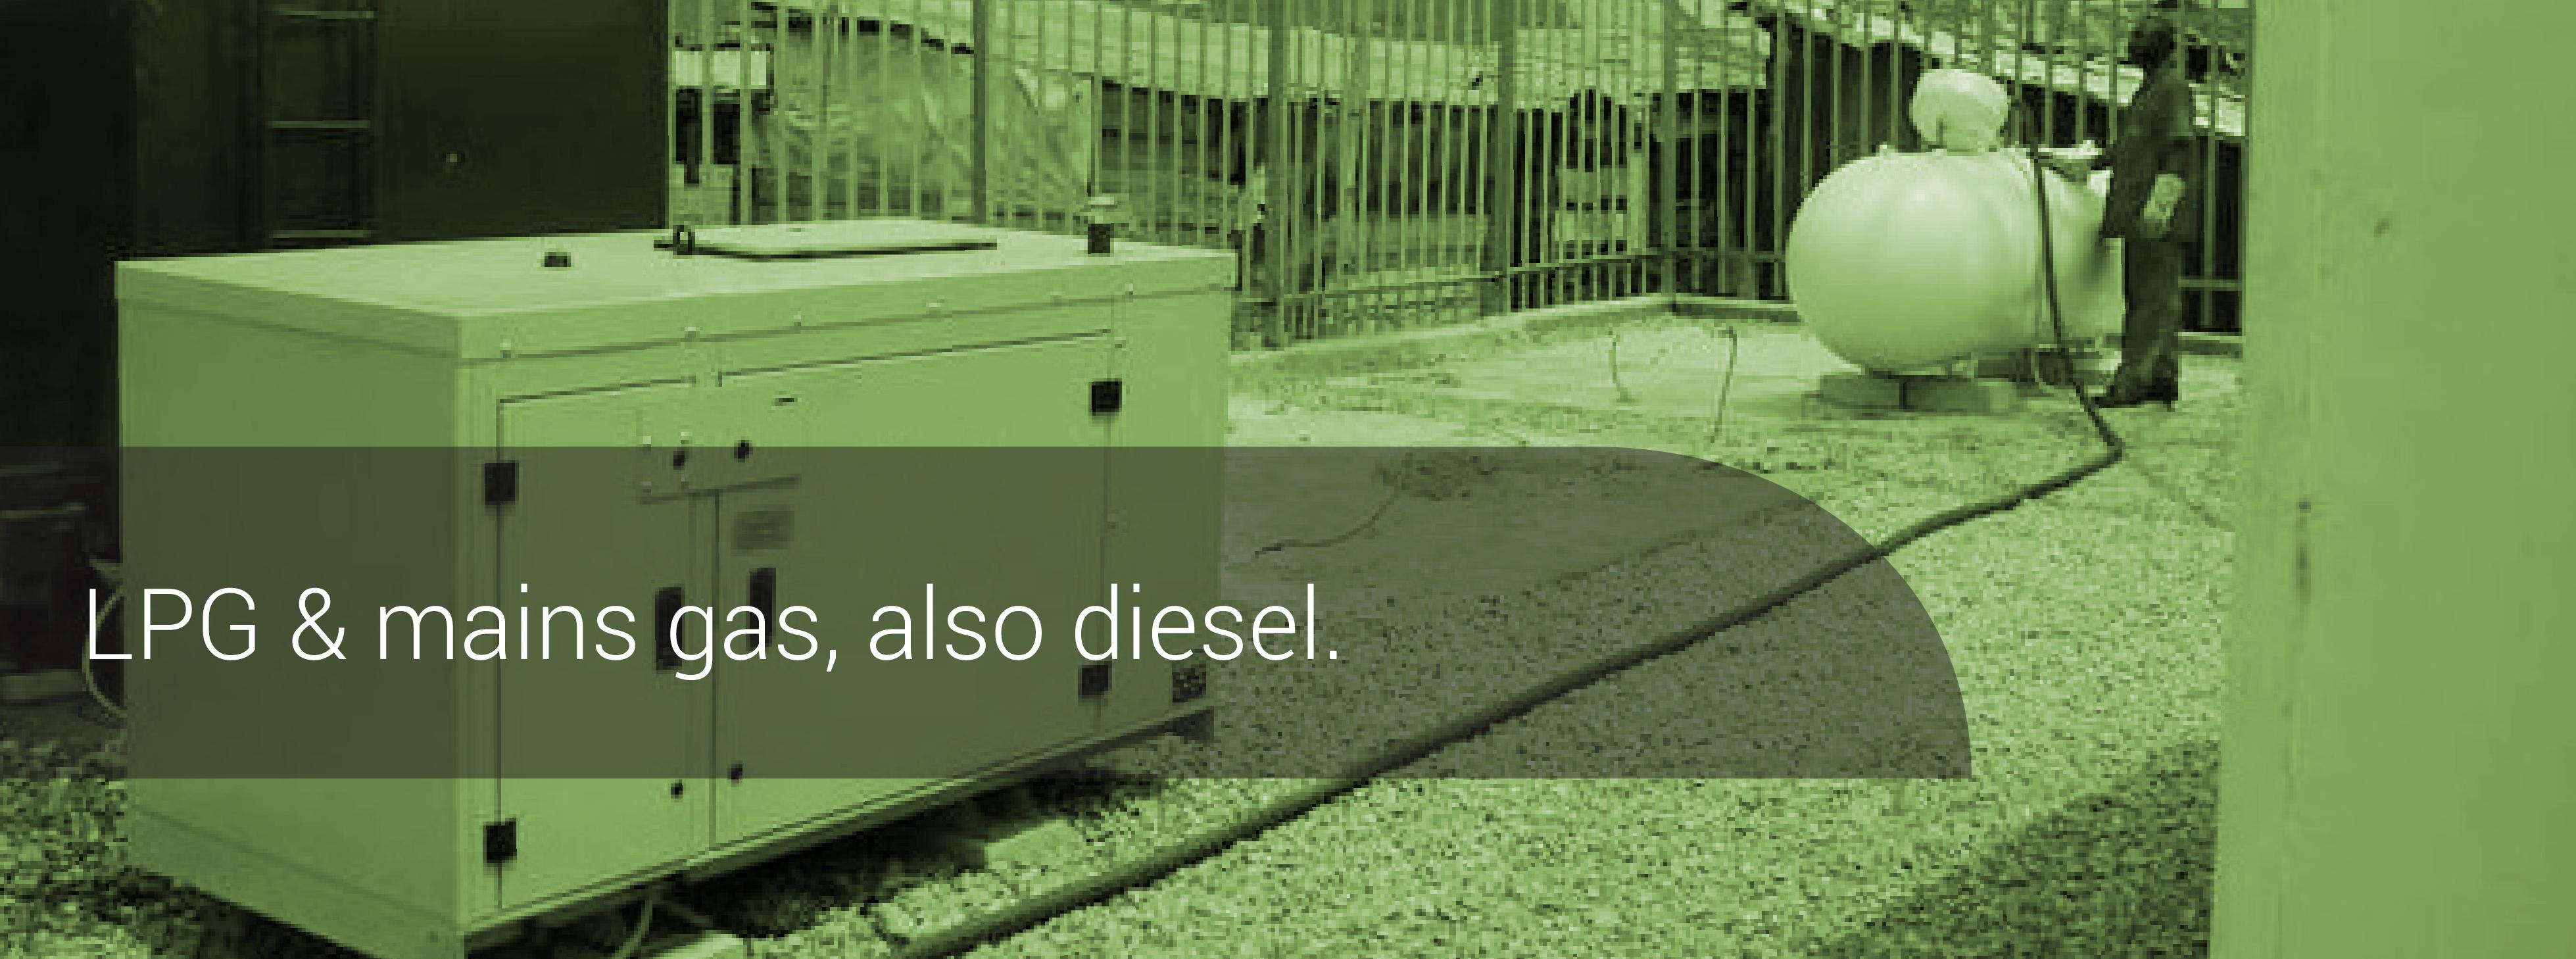 LPG, mains gas and diesel